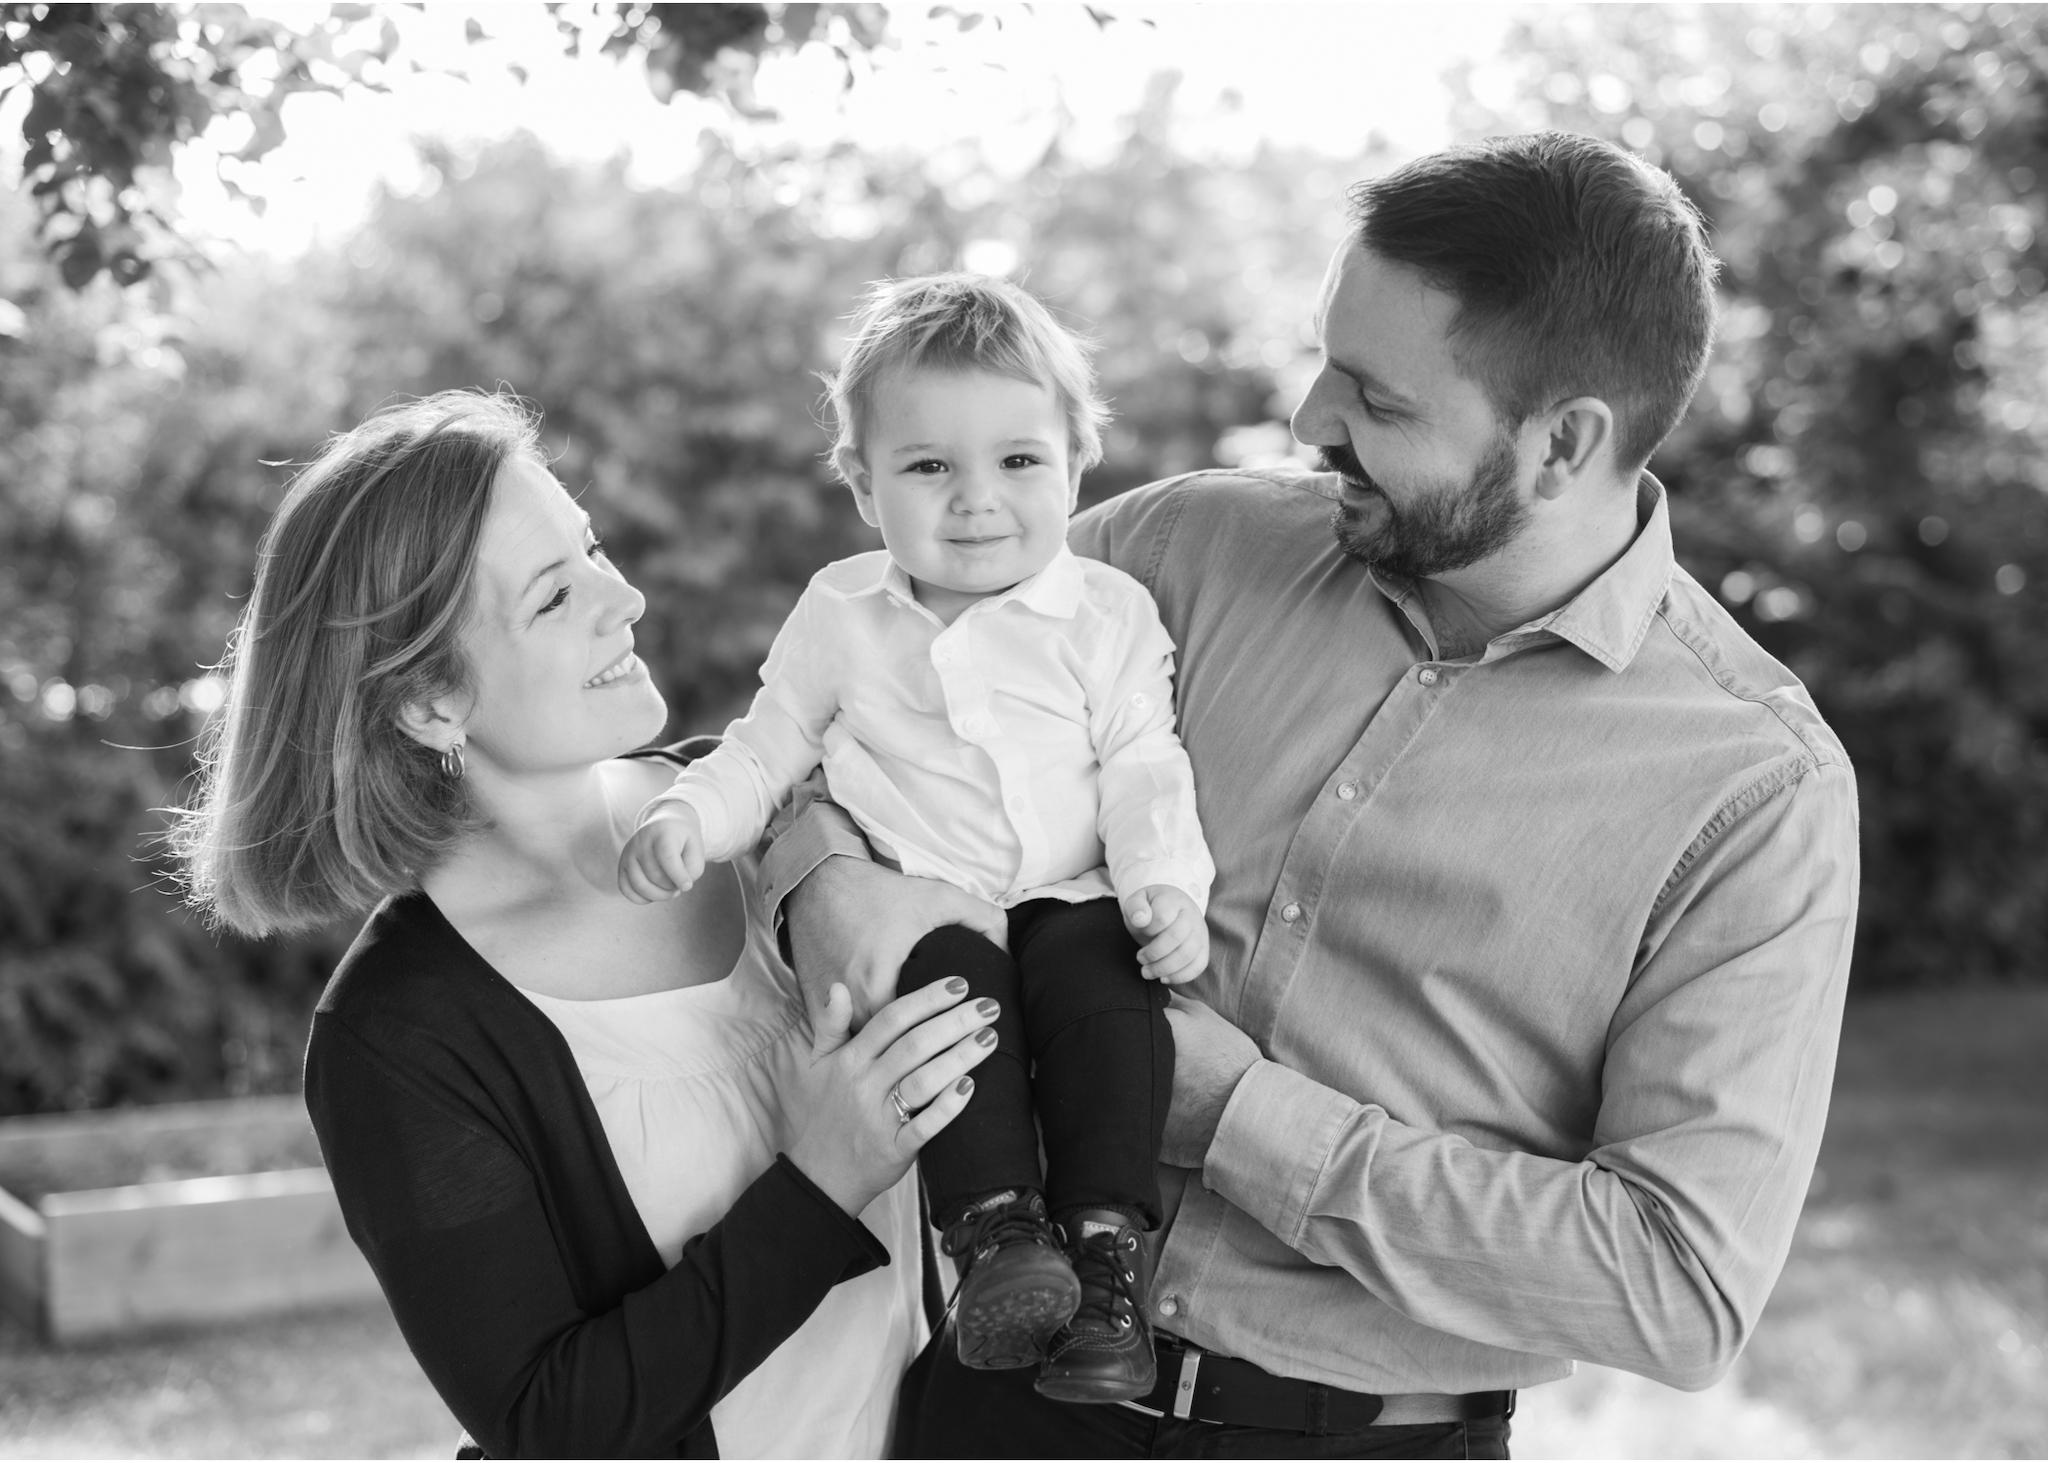 Familjefotografering i trädgården hemma-hos-fotograf Blicka Studio barnfotograf